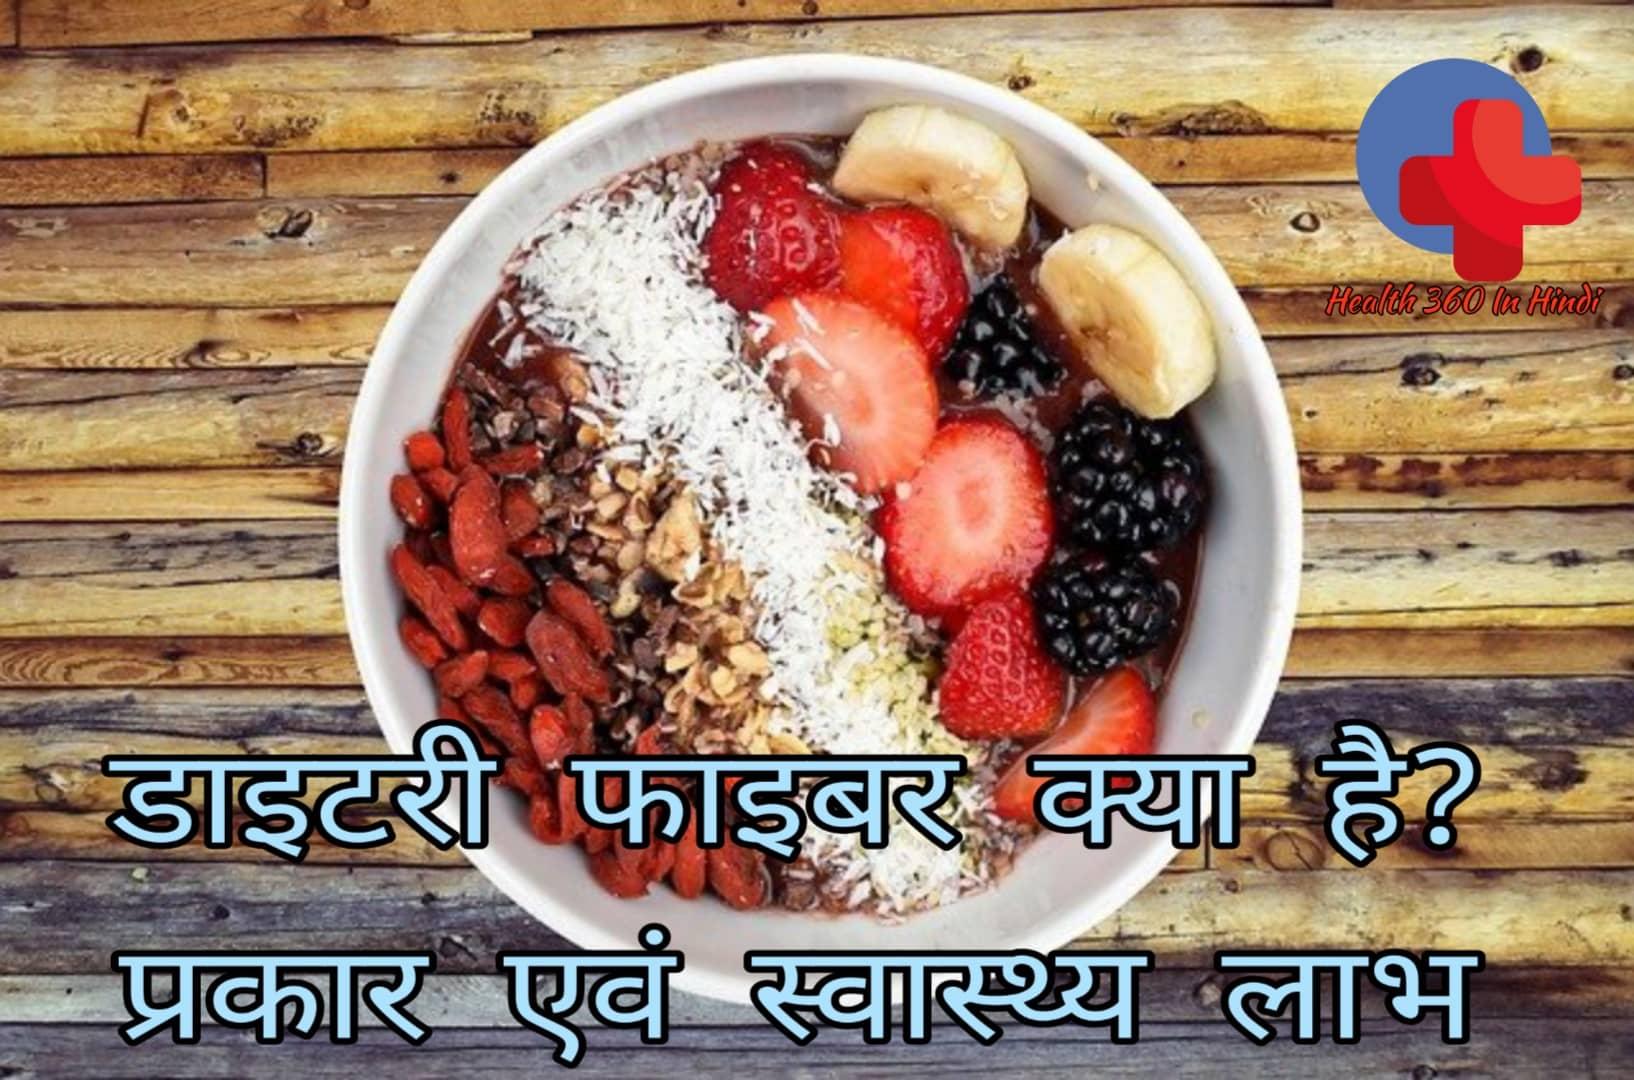 आहार फाइबर क्या है? –  What is Dietary Fiber in Hindi